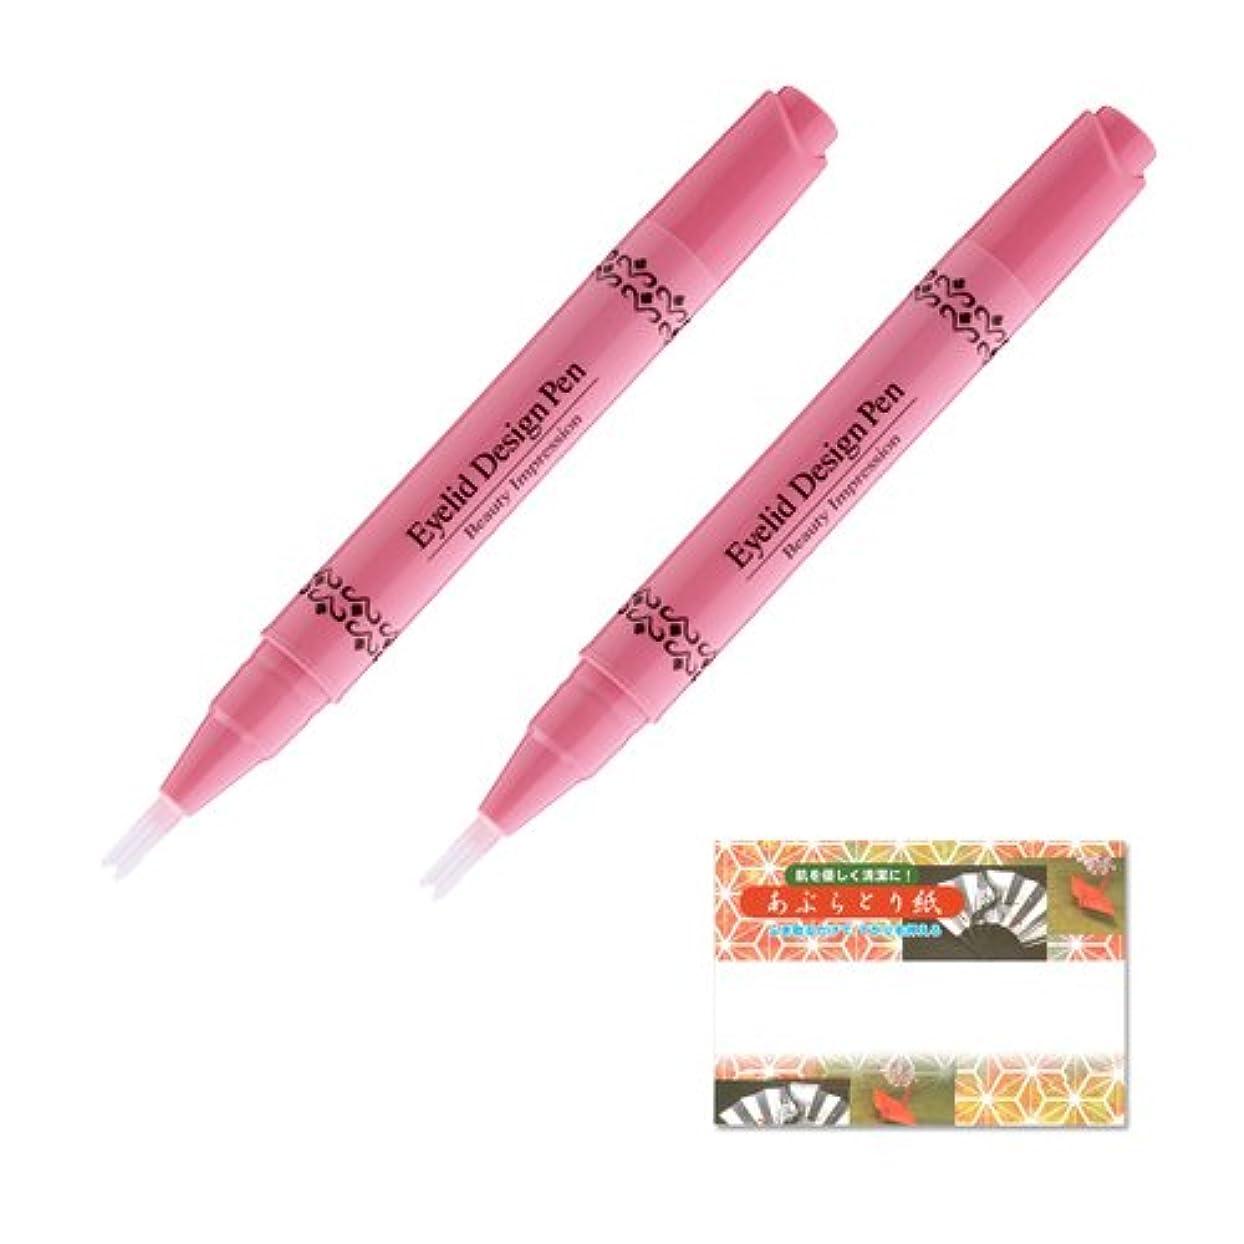 王朝生きる直感Beauty Impression アイリッドデザインペン 2ml (二重まぶた形成化粧品) ×2組 油取り紙のセット